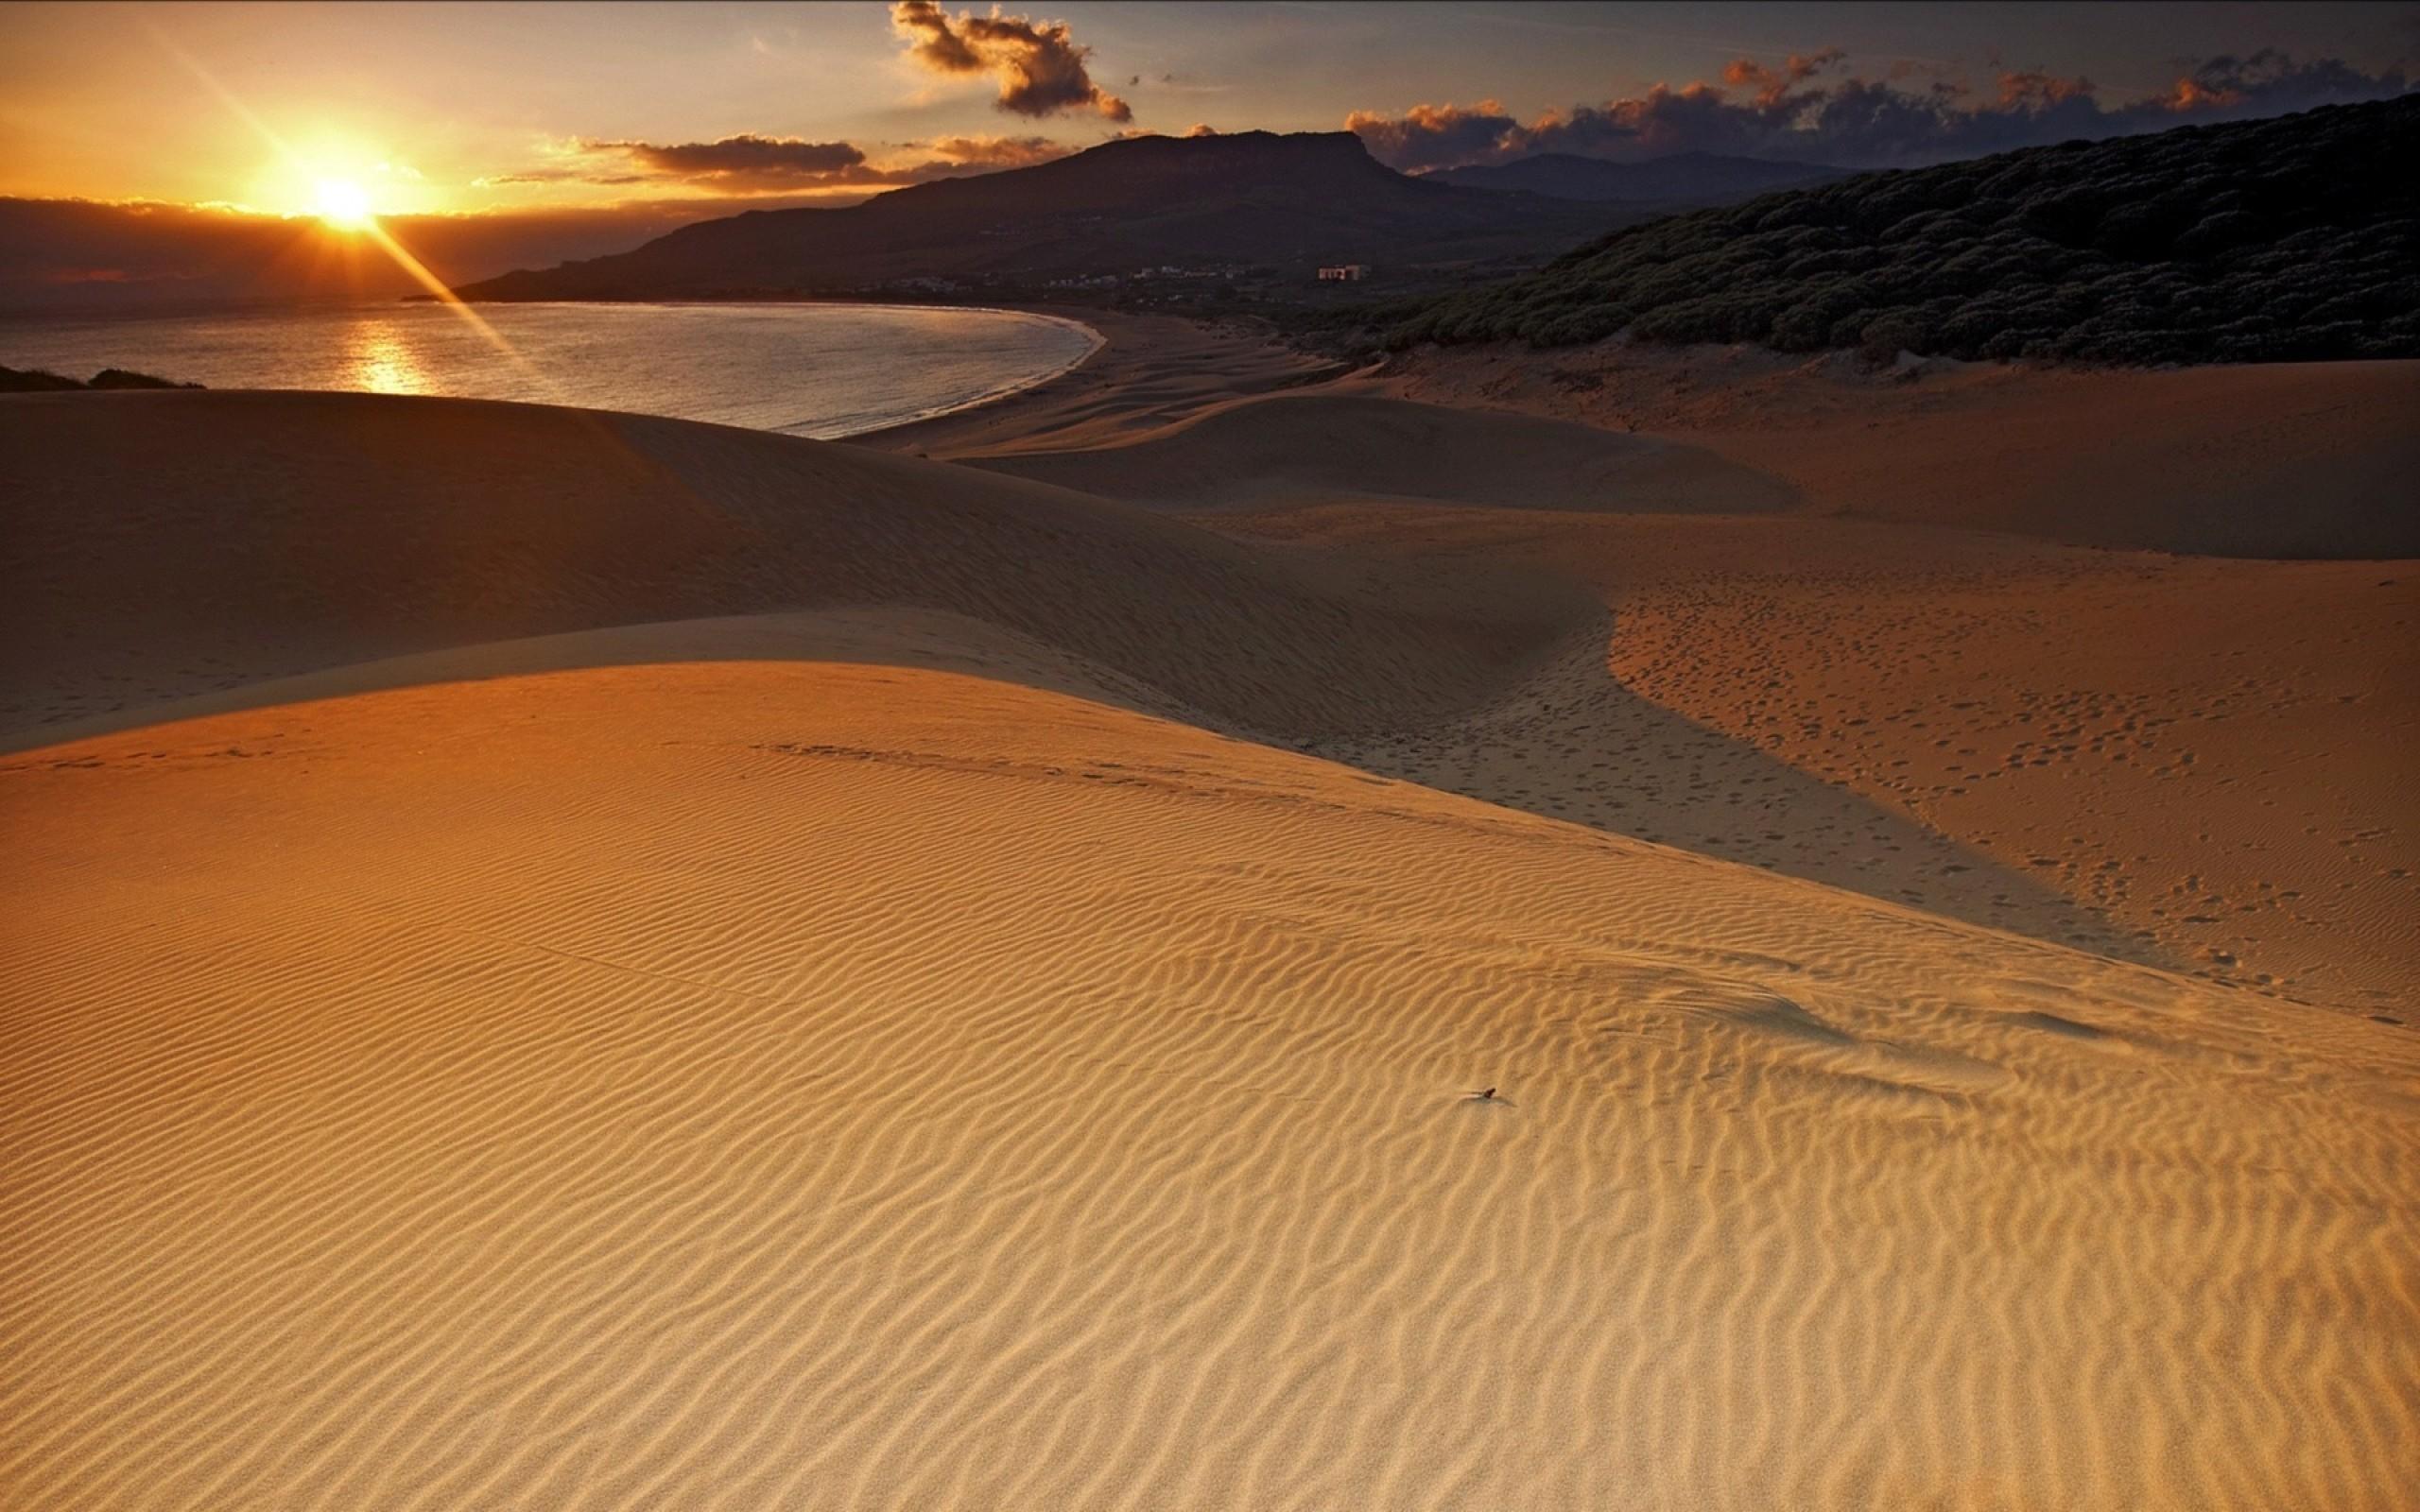 песчаные пустыни картинки сансет как нельзя